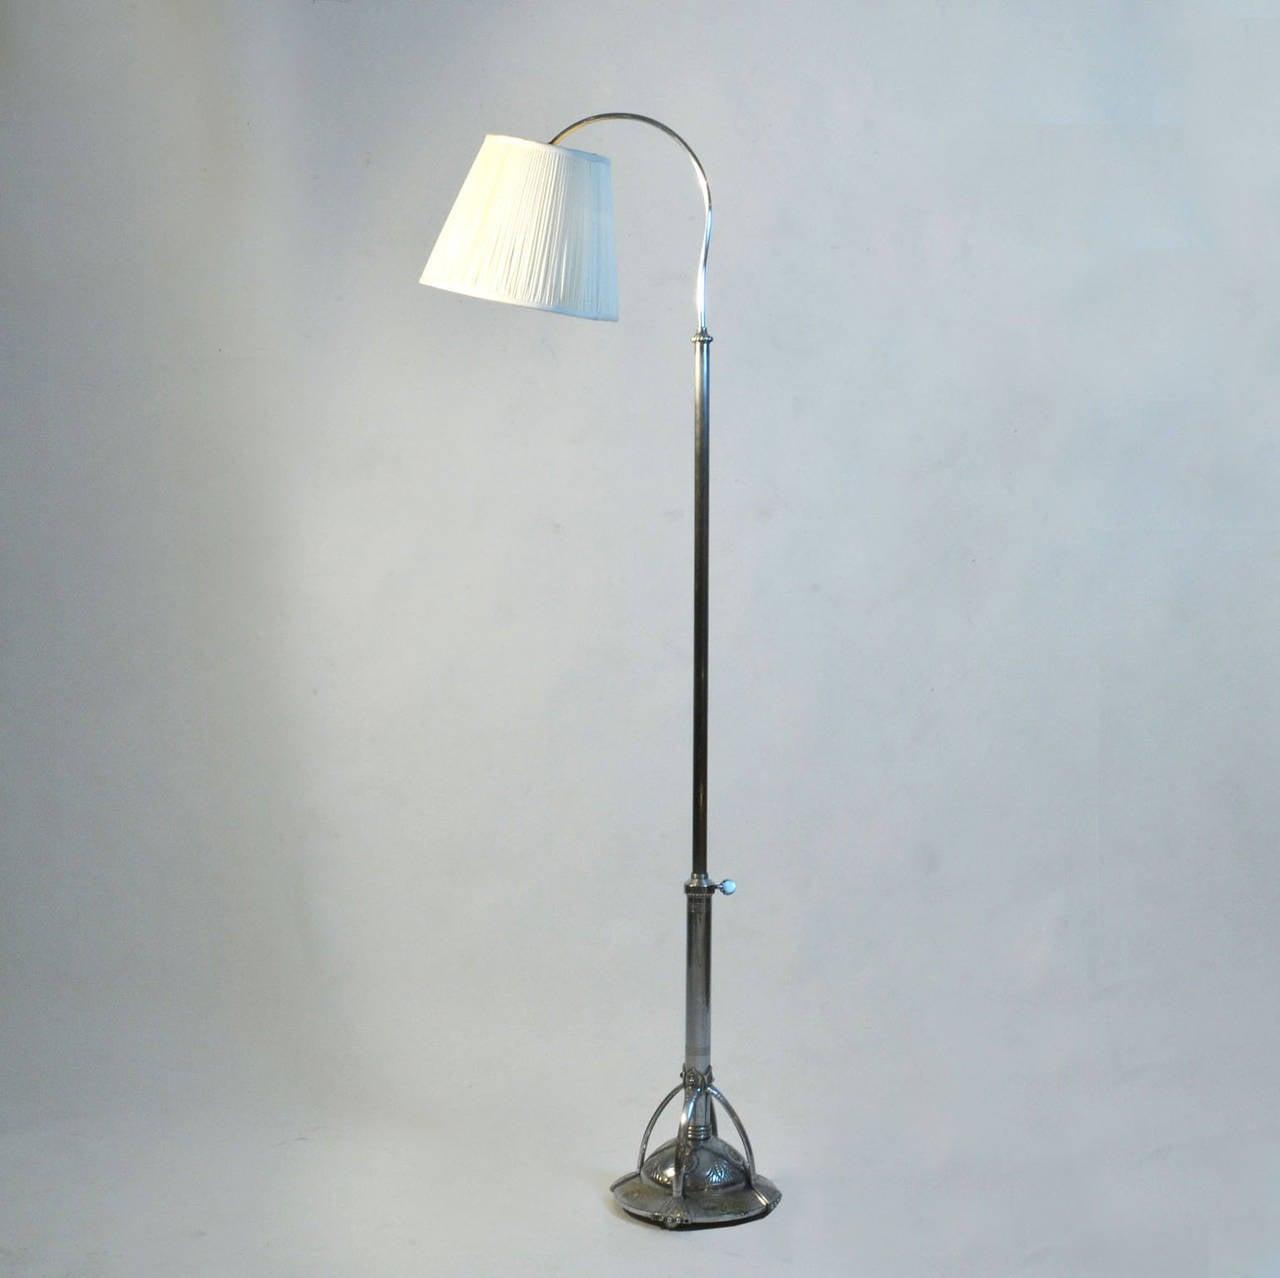 rare art deco floor lamp for sale at 1stdibs. Black Bedroom Furniture Sets. Home Design Ideas